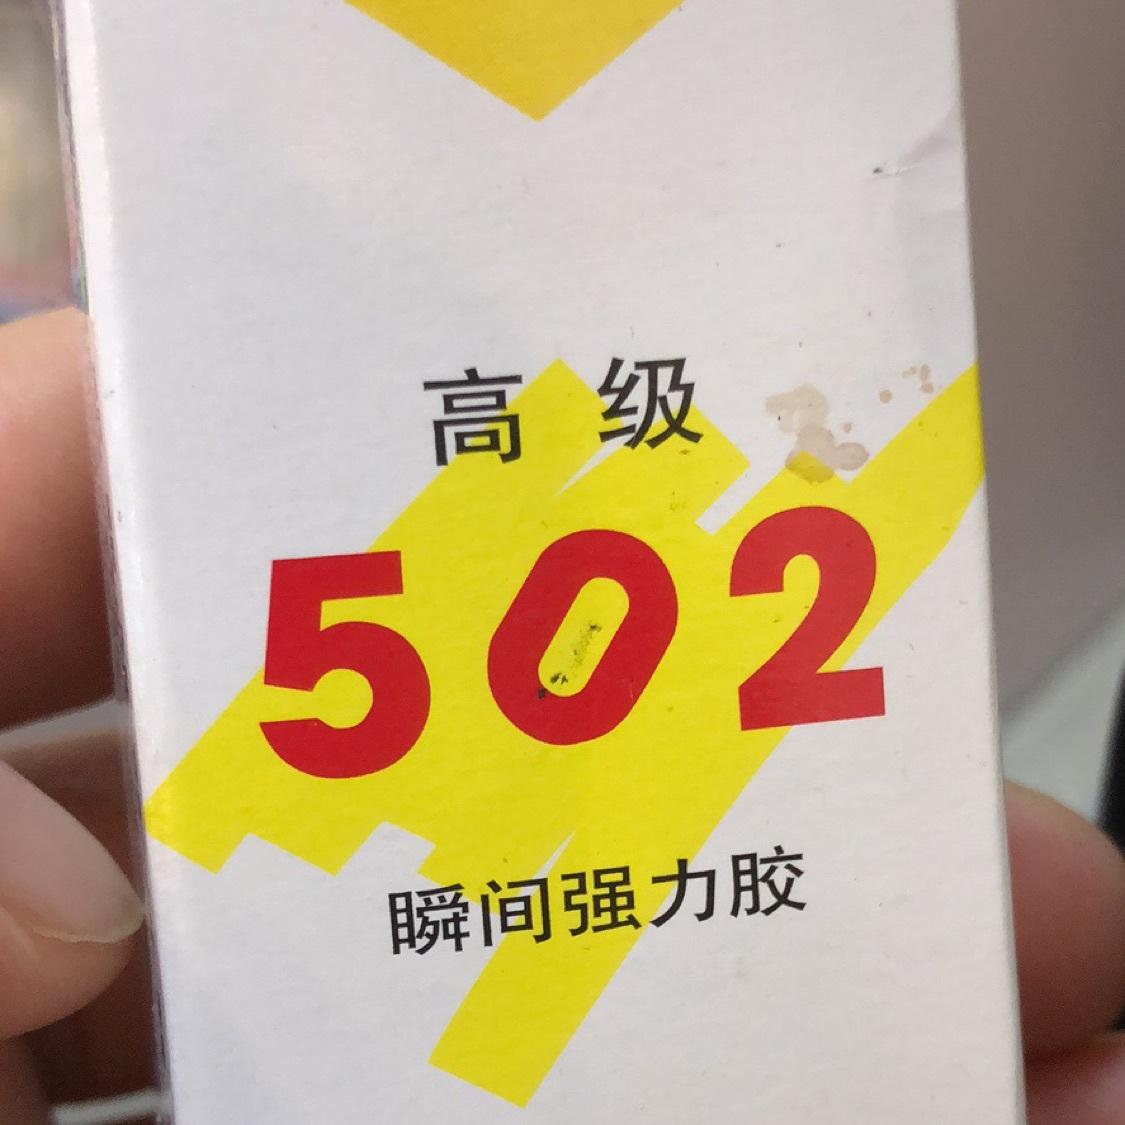 阿泰520